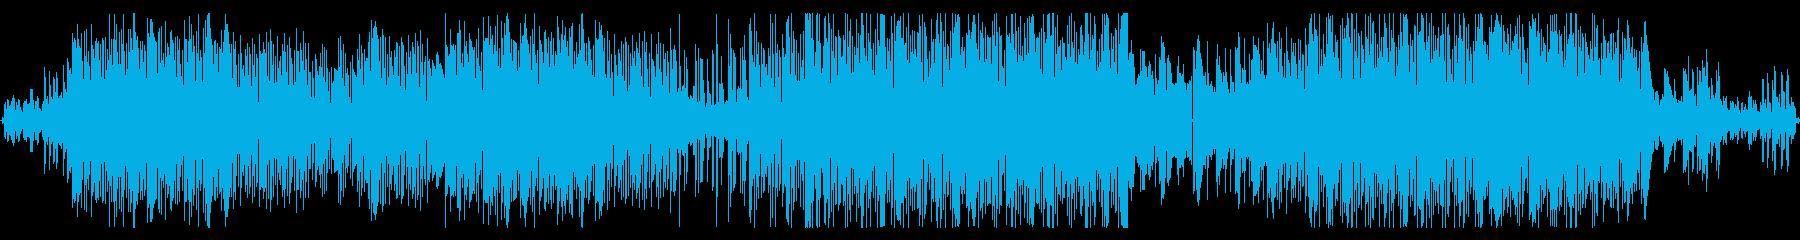 暗いタイプビート風トラックの再生済みの波形